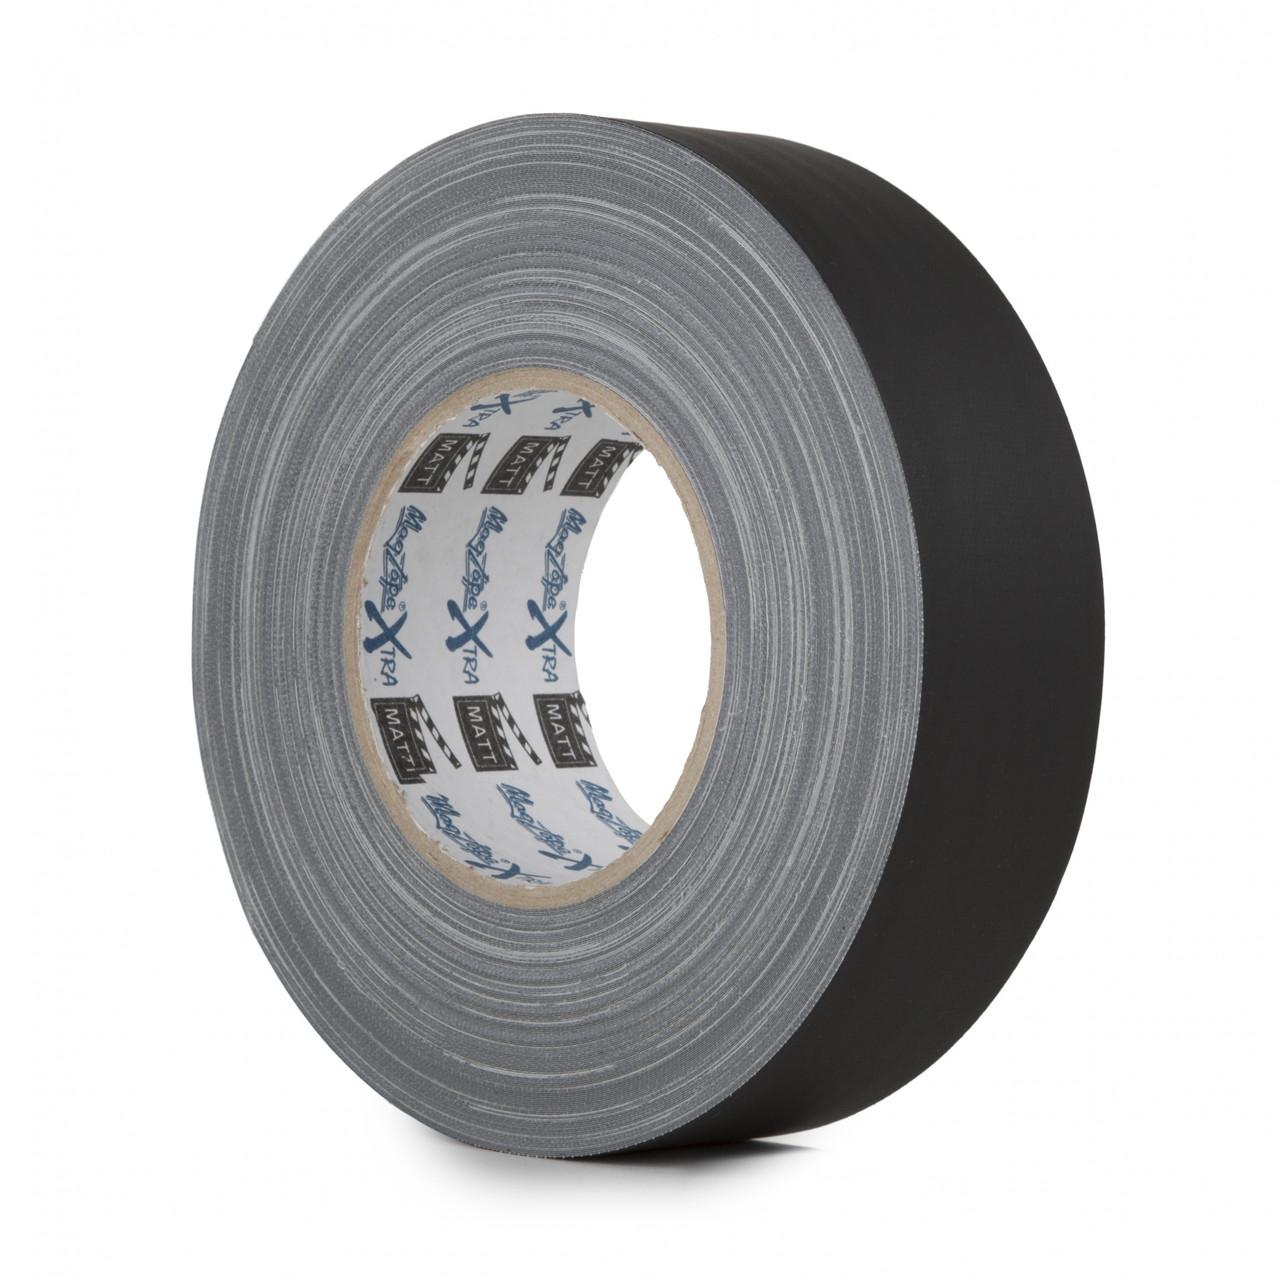 Матовая клейкая лента LE MARK MAGTAPE™ XTRA MATT 25мм x 50м Black (MATTCTME25BK)